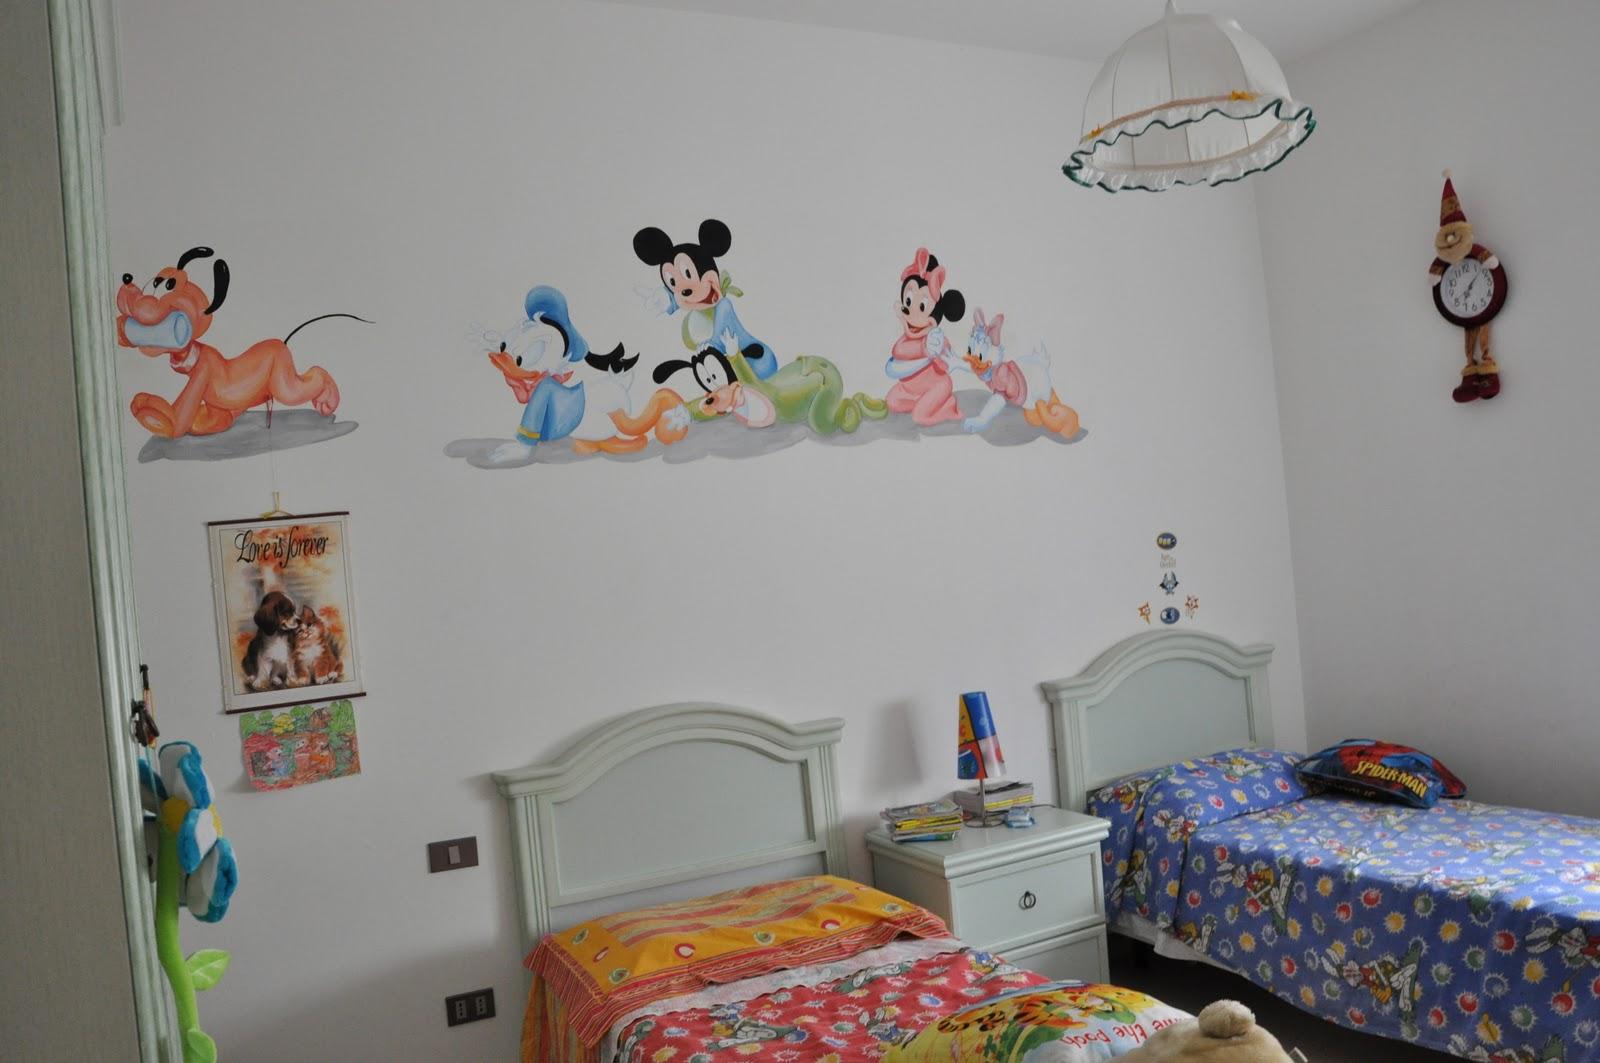 Disegni su muro camera fa93 regardsdefemmes - Muri camerette bambini ...